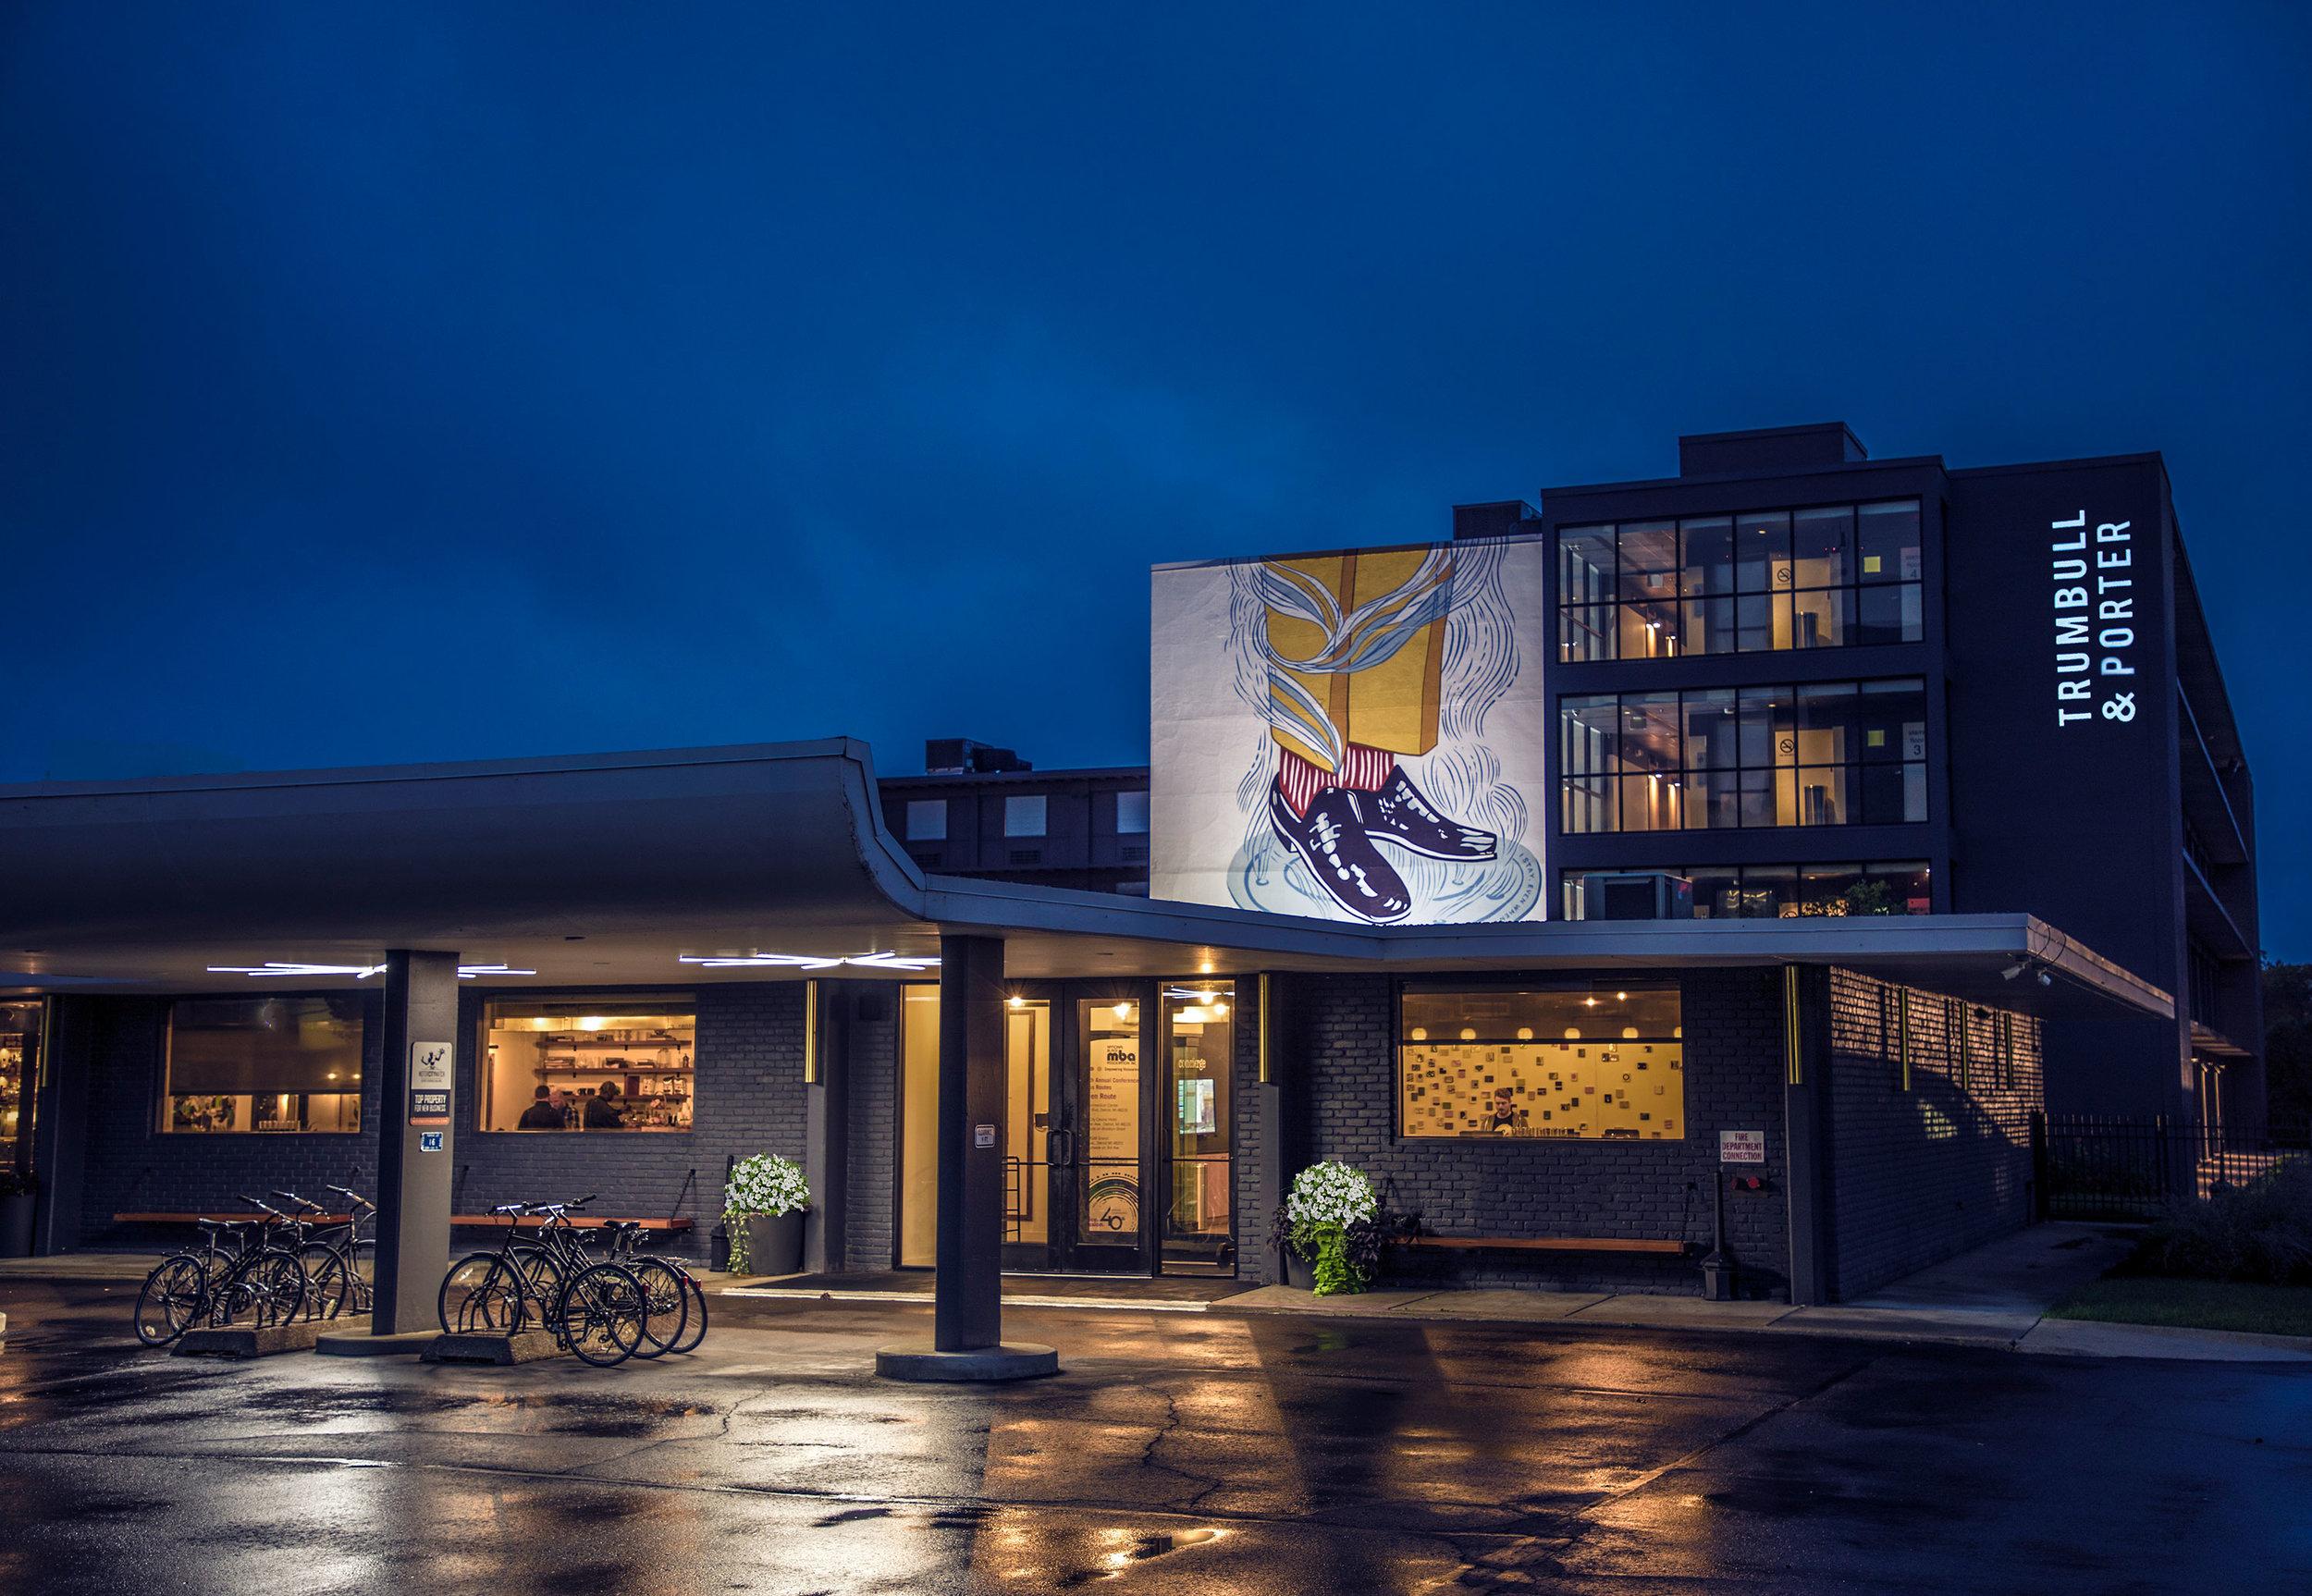 PHOTO: RACHEL FERNANDEZ. COURTESY OF TRUMBULL & PORTER HOTEL DETROIT